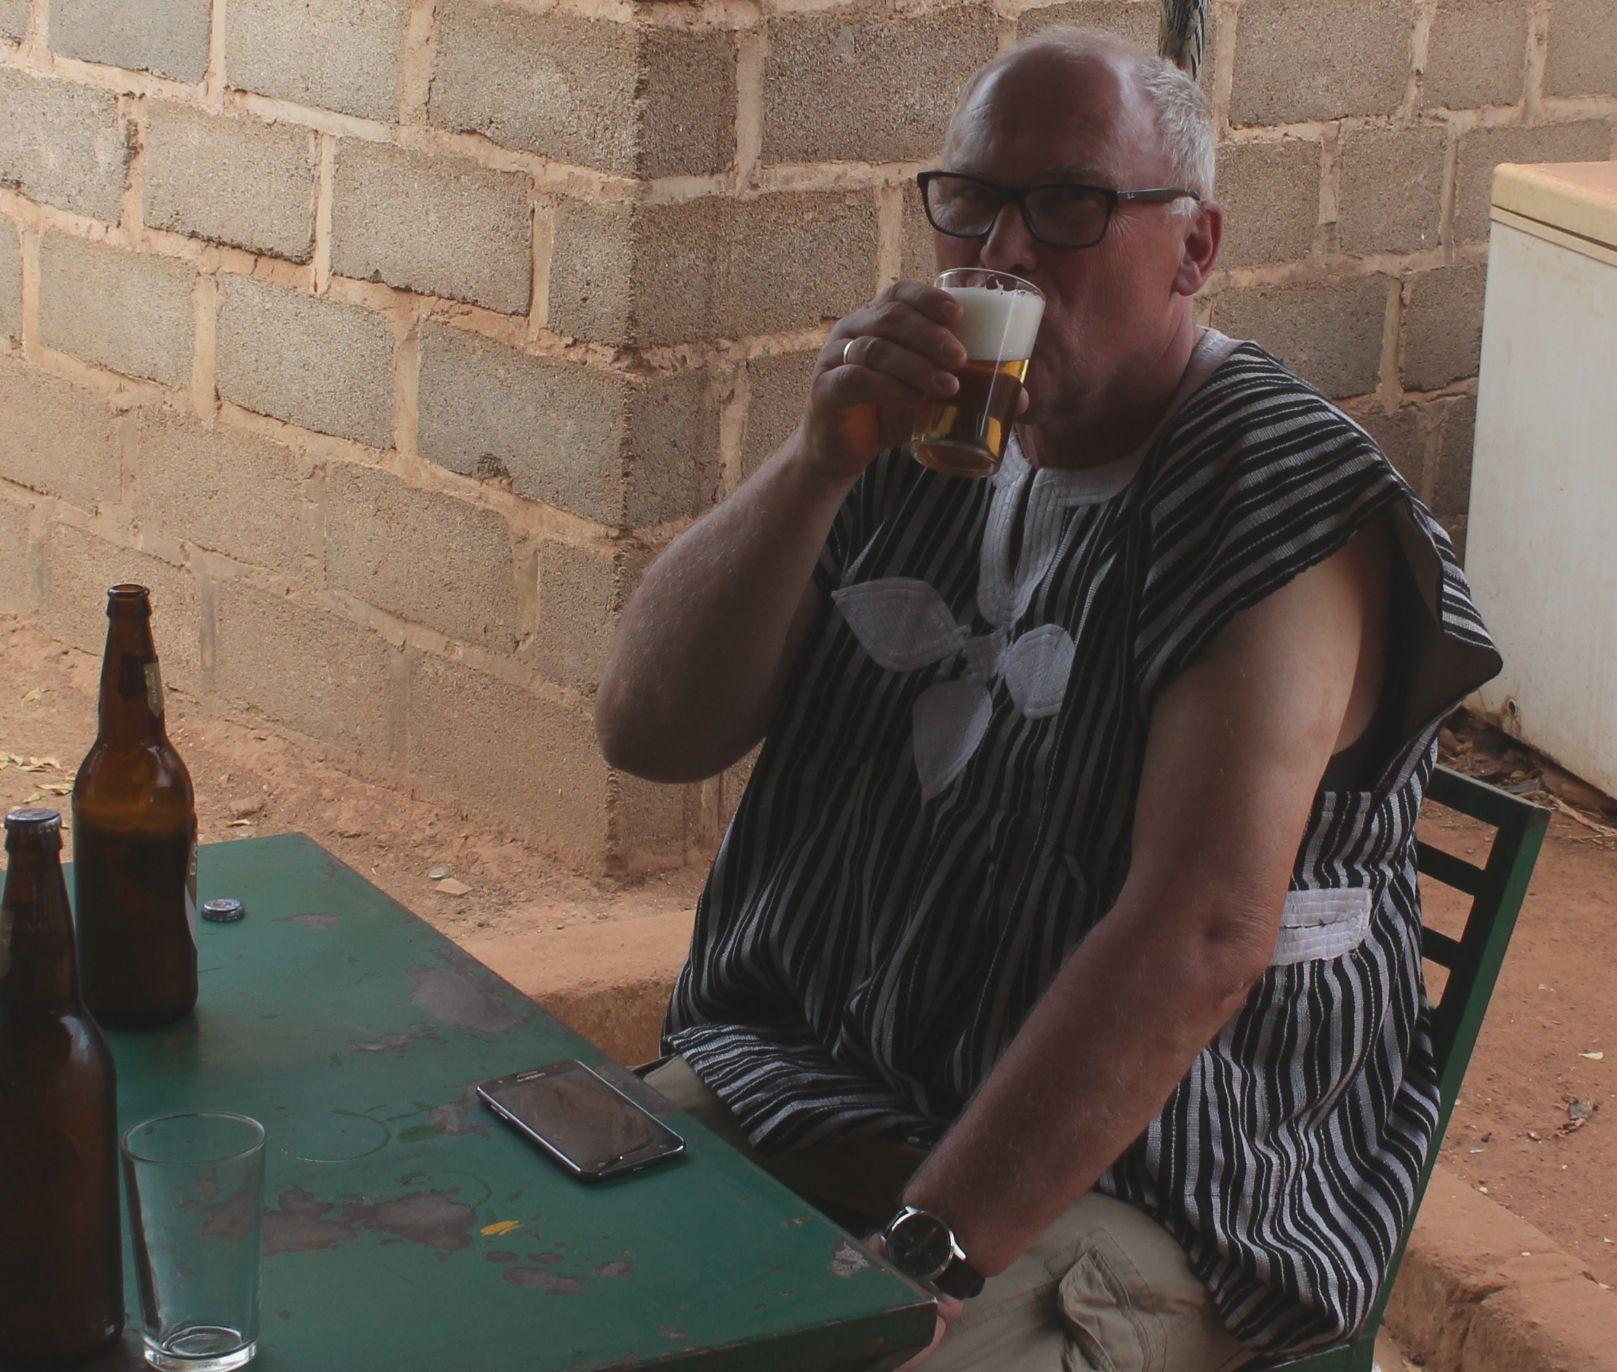 Beim Feierabendbier in einer Kneipe in Bilanga